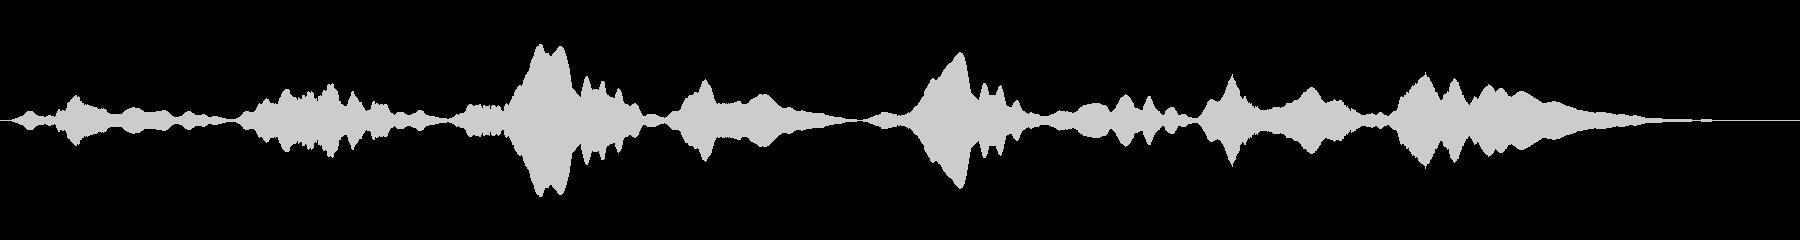 劇伴 謎めいたギターアンビエントの未再生の波形